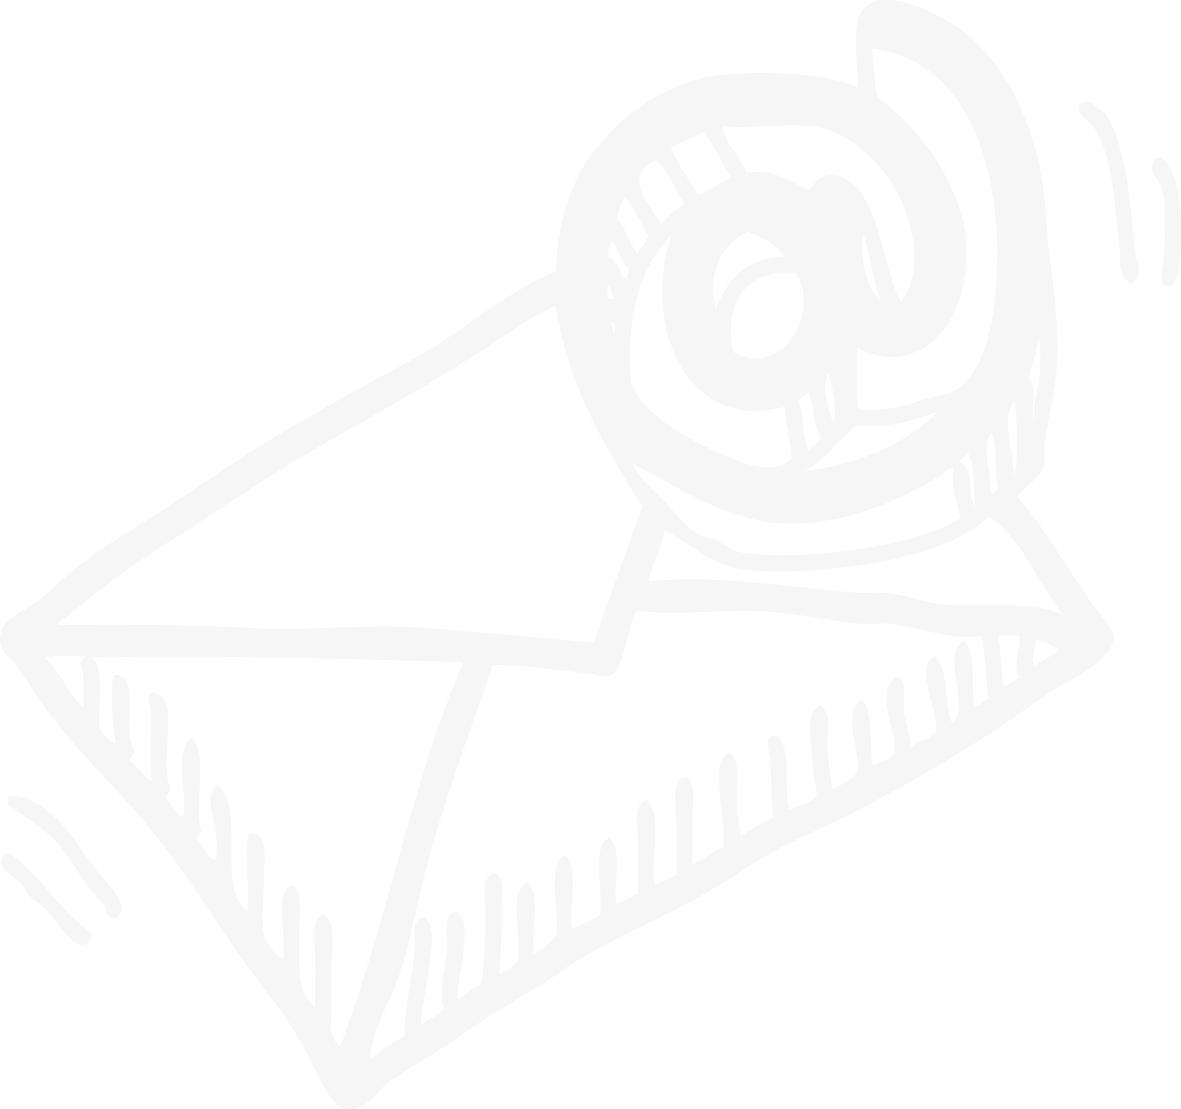 Dogwalking, Gassi gehen, Gassi Service, spazieren gehen, Hund, Urlaubspension, Hundepension, Tagesbetreuung, Hundebetreuung, übernachten, Hundeschule, Hundetraining, Kassel, Ahnatal, Baunatal, Calden, Espenau, Fuldabrück, Fuldatal, Guxhagen, Habichtswald, Kaufungen, Lohfelden, Nieste, Niestetal, Schauenburg, Vellmar, Zierenberg, Göttingen, Niedersachsen